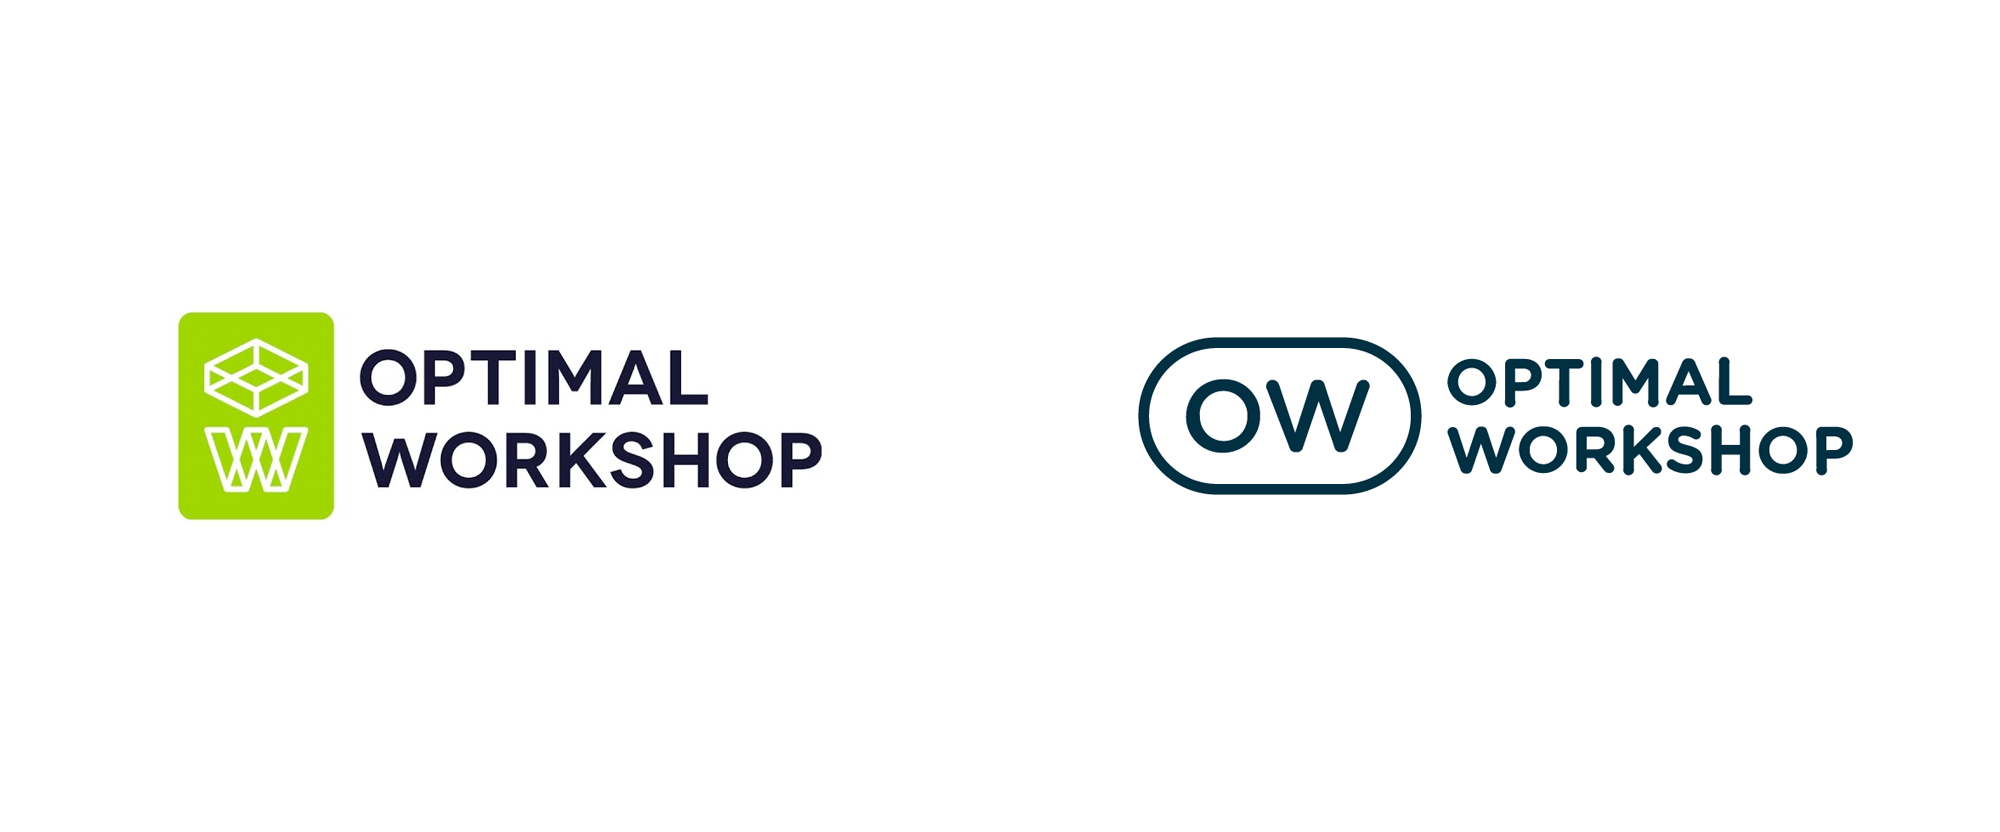 New Logo for Optimal Workshop